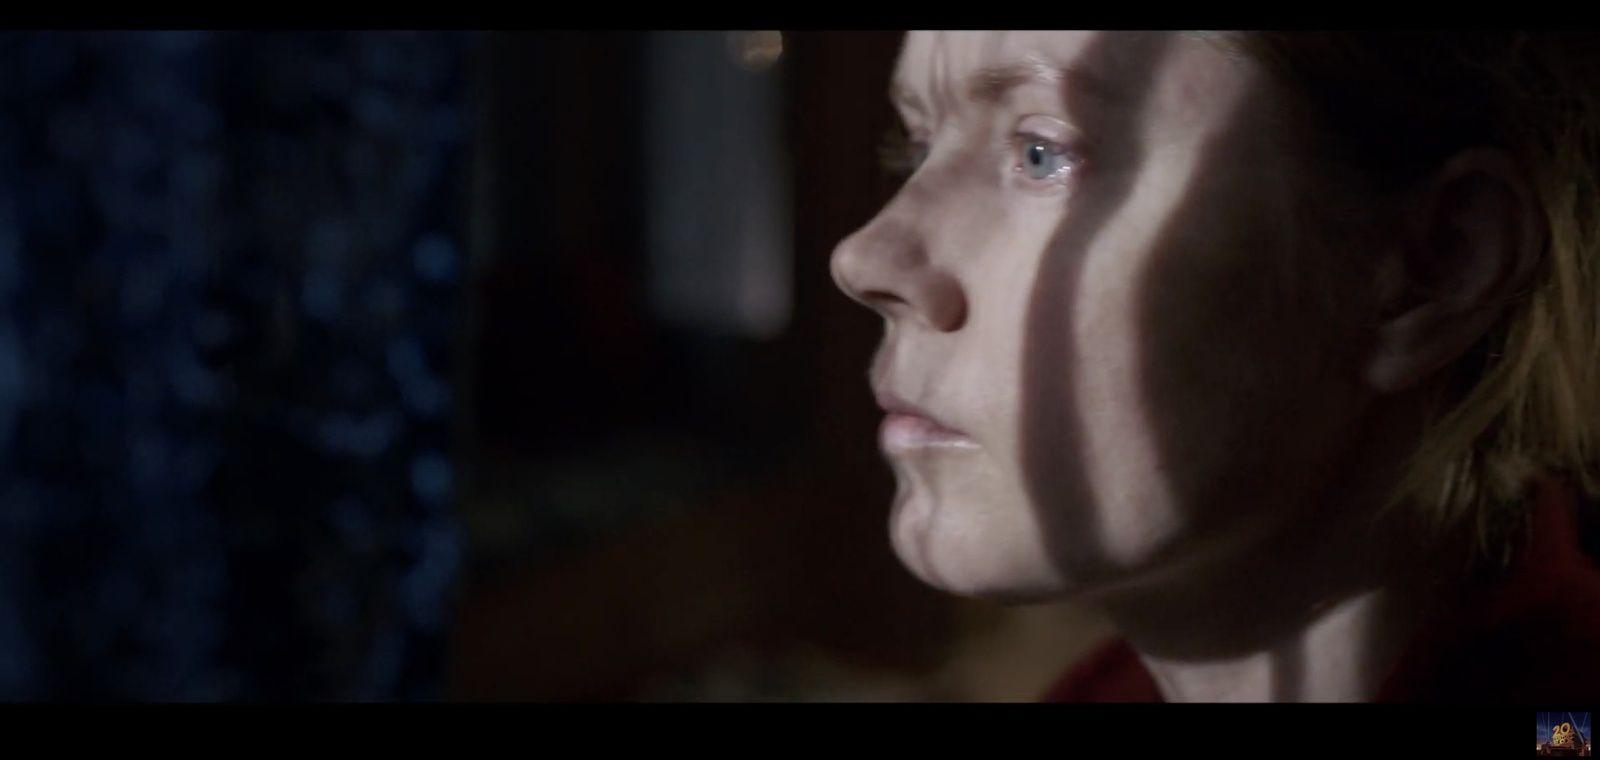 Bande-annonce du film La femme à la fenêtre, avec Amy Adams.